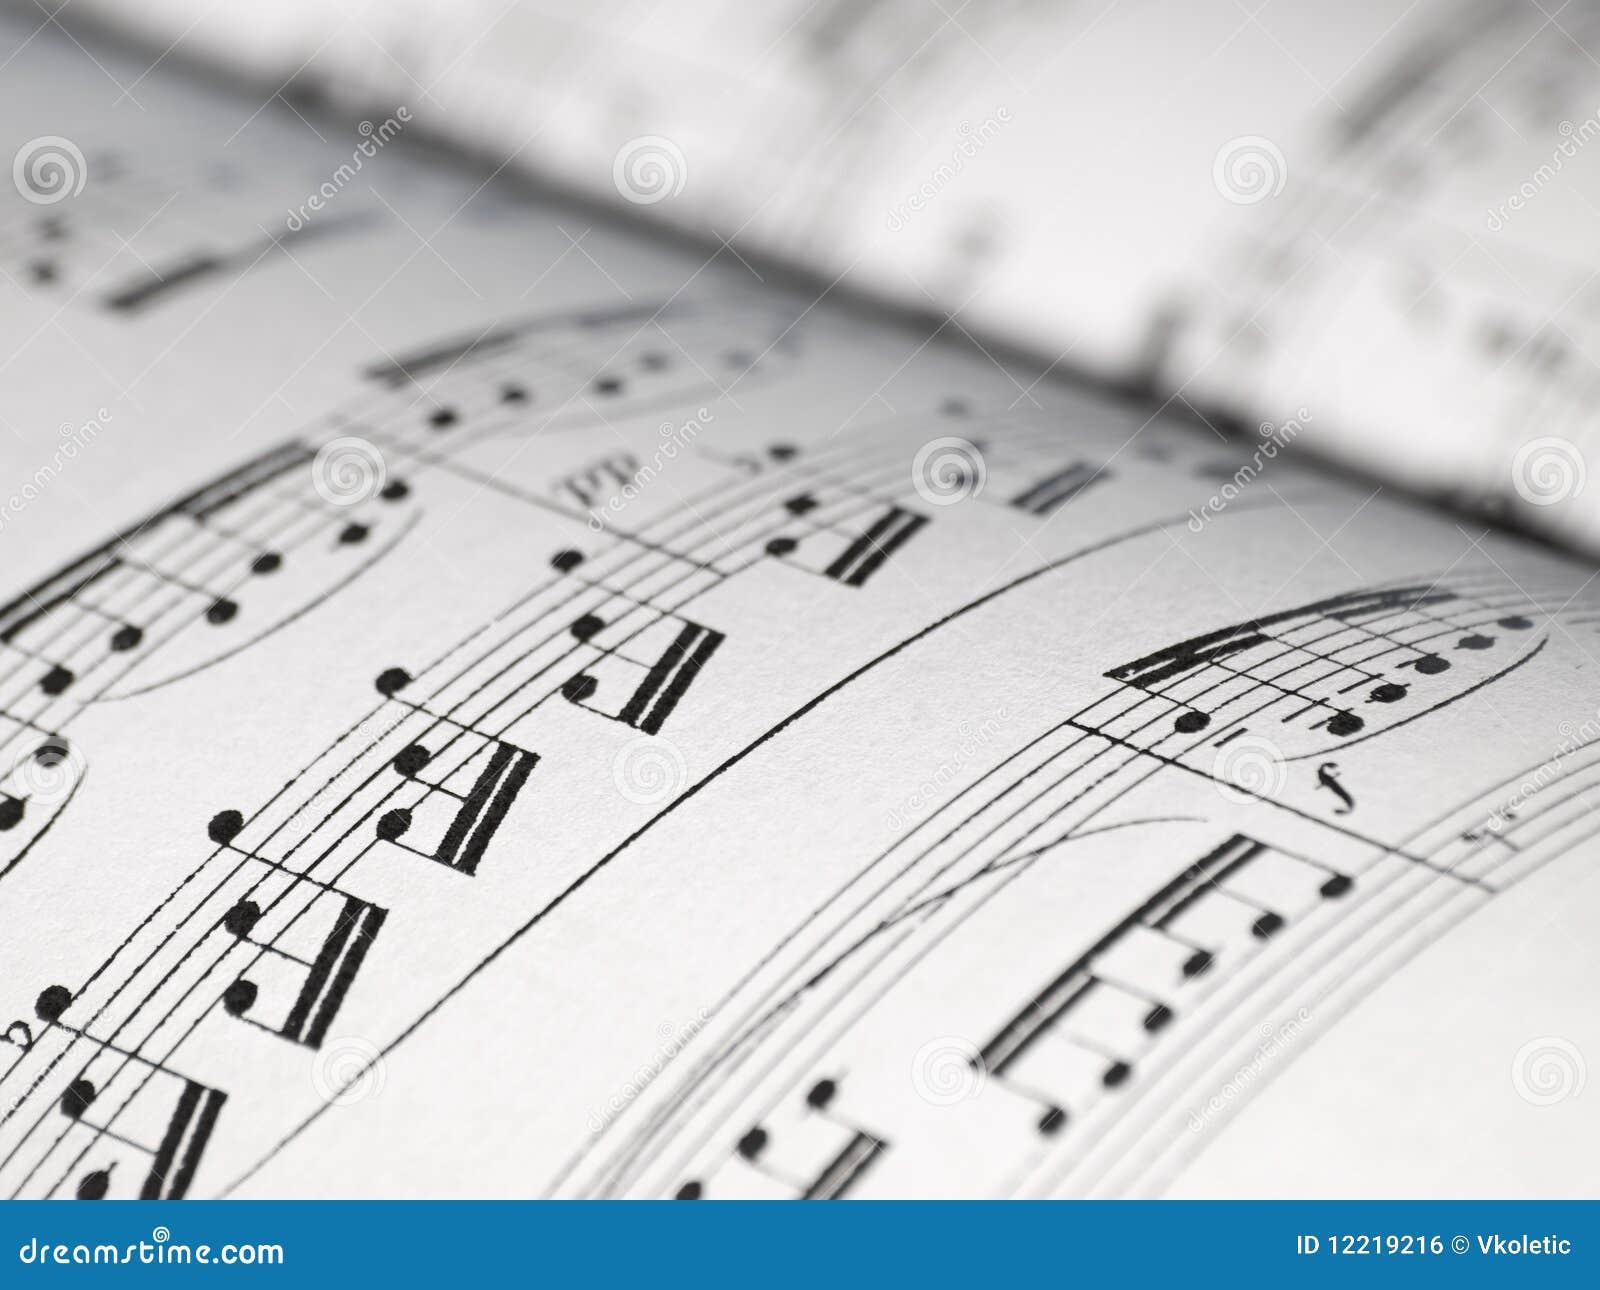 Sheet of music notes stock photo  Image of symphony, harmony - 12219216